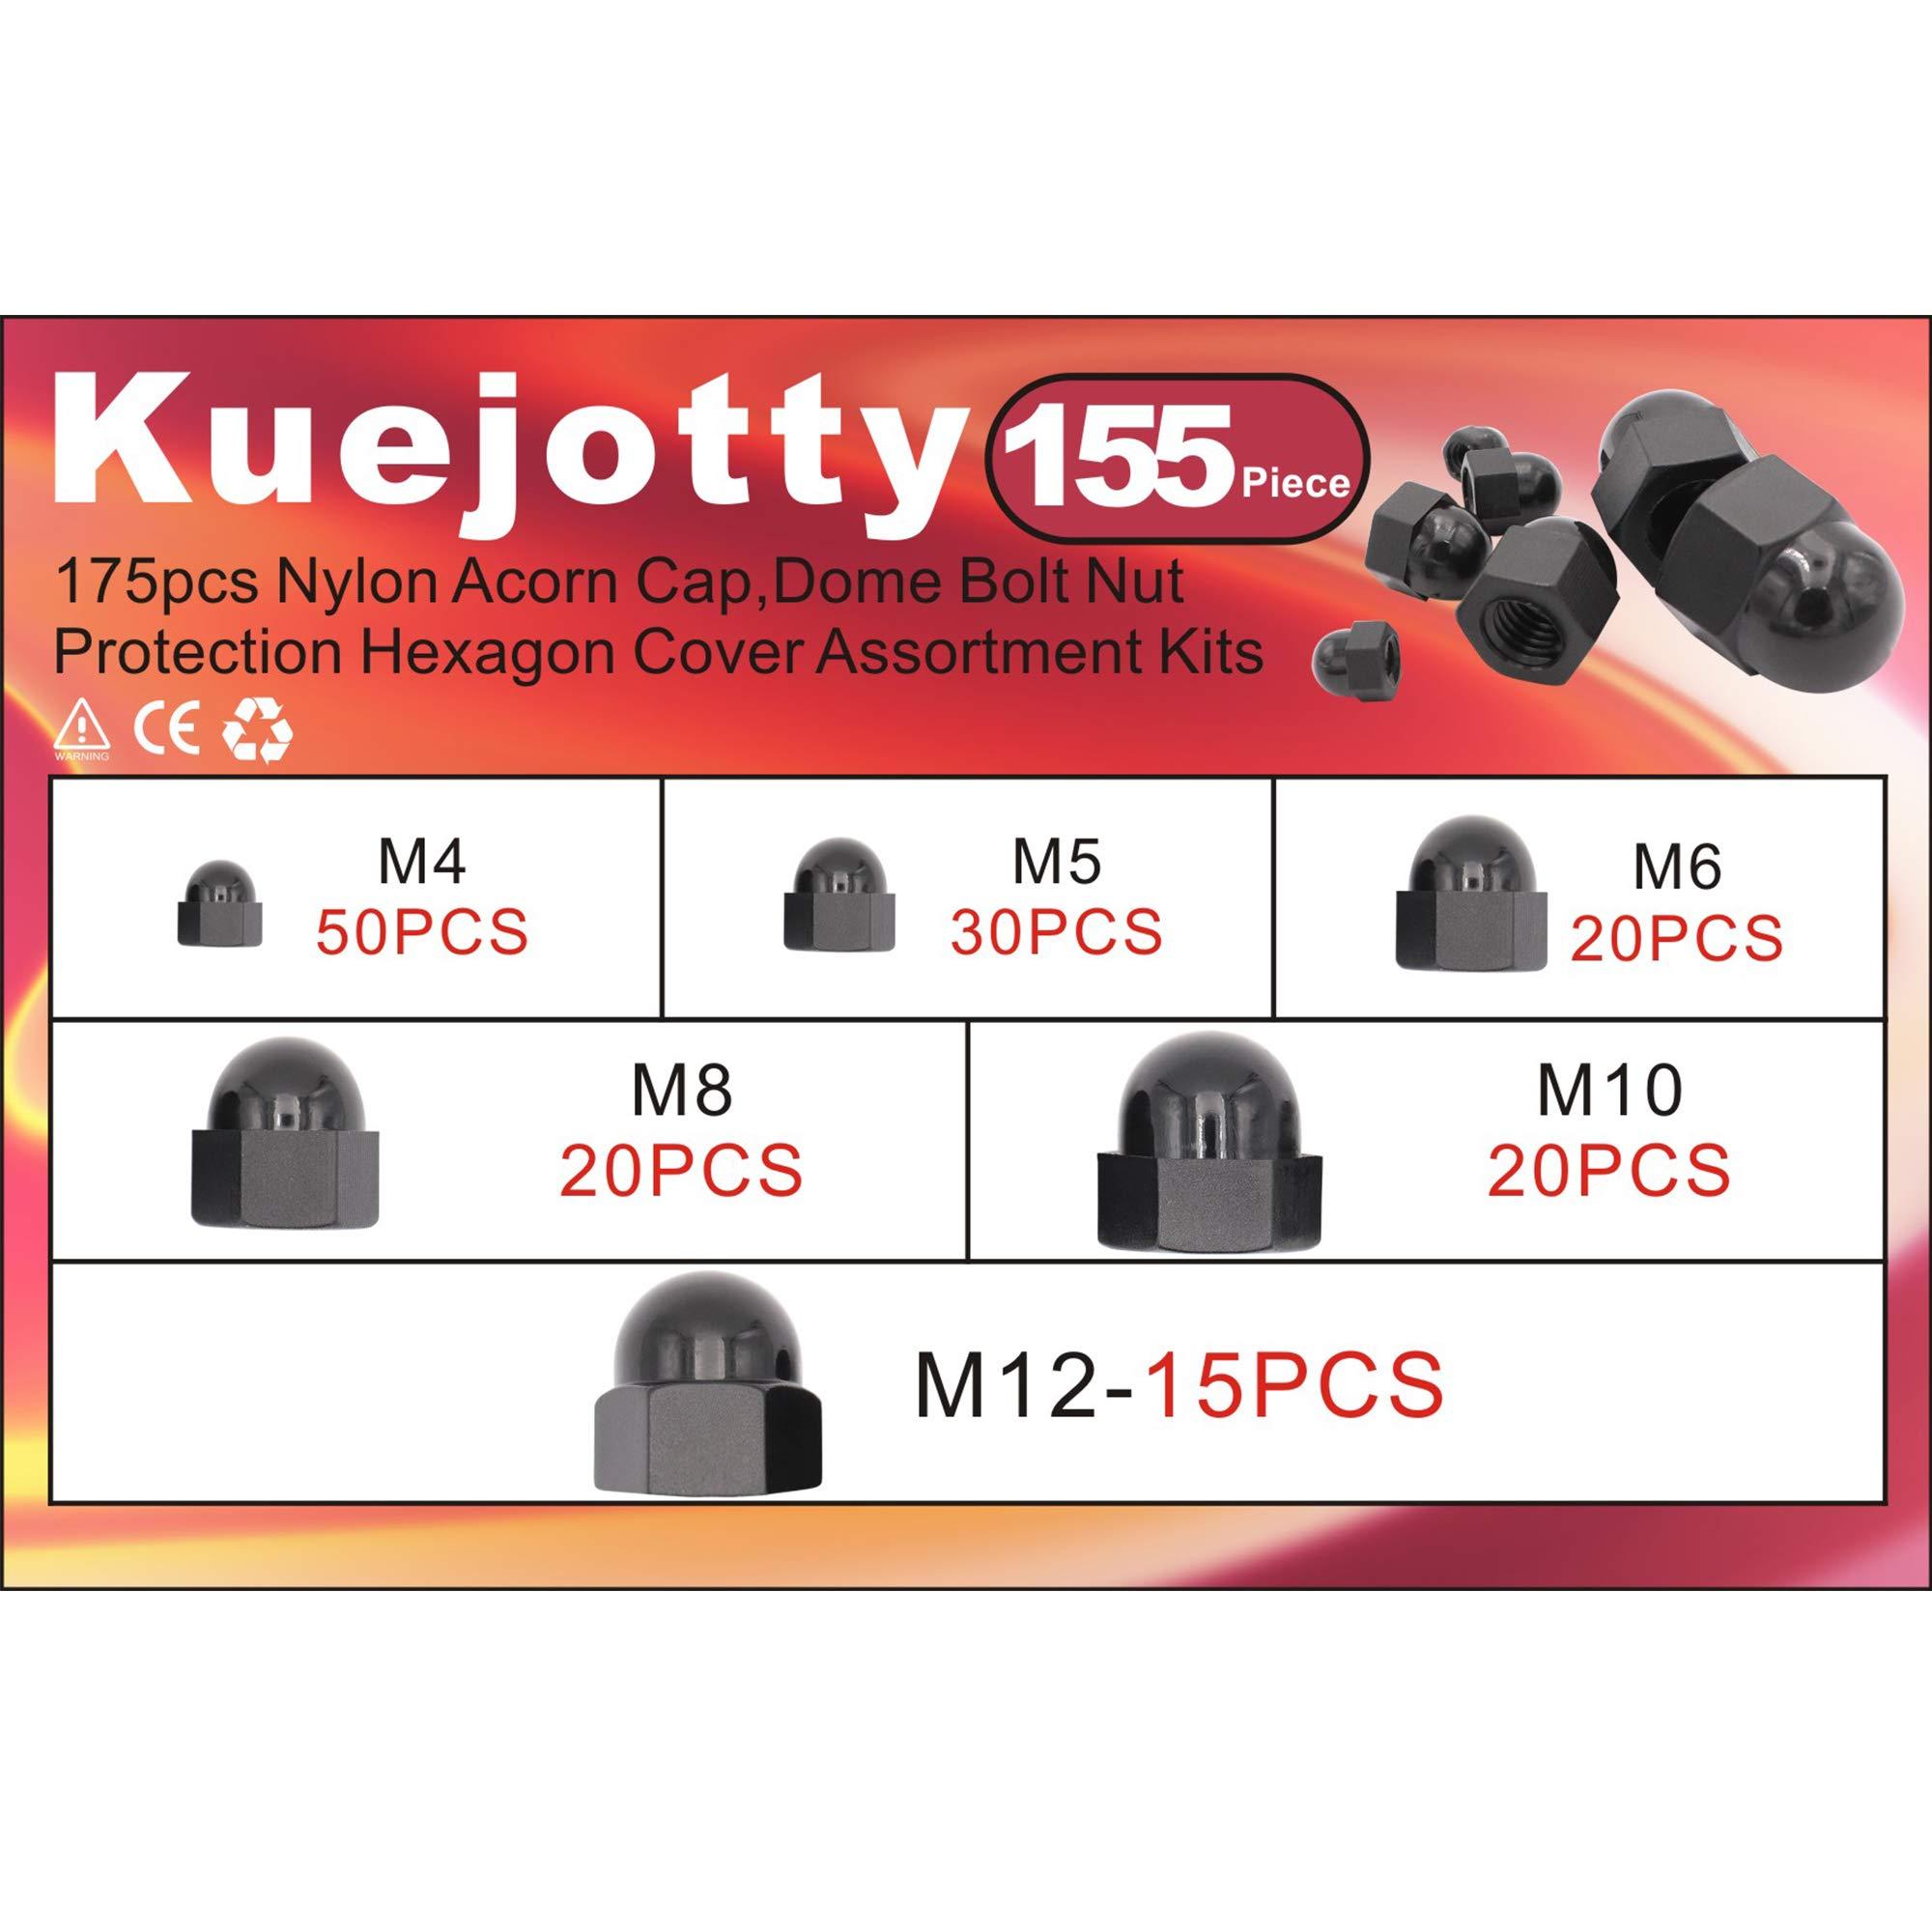 M4 M5 M6 M8 M10 M12 Kuejotty 155pcs Black Dome Acorn Bolt Cap Nuts Hex Protector Cap Assortment Kit,6 Sizes